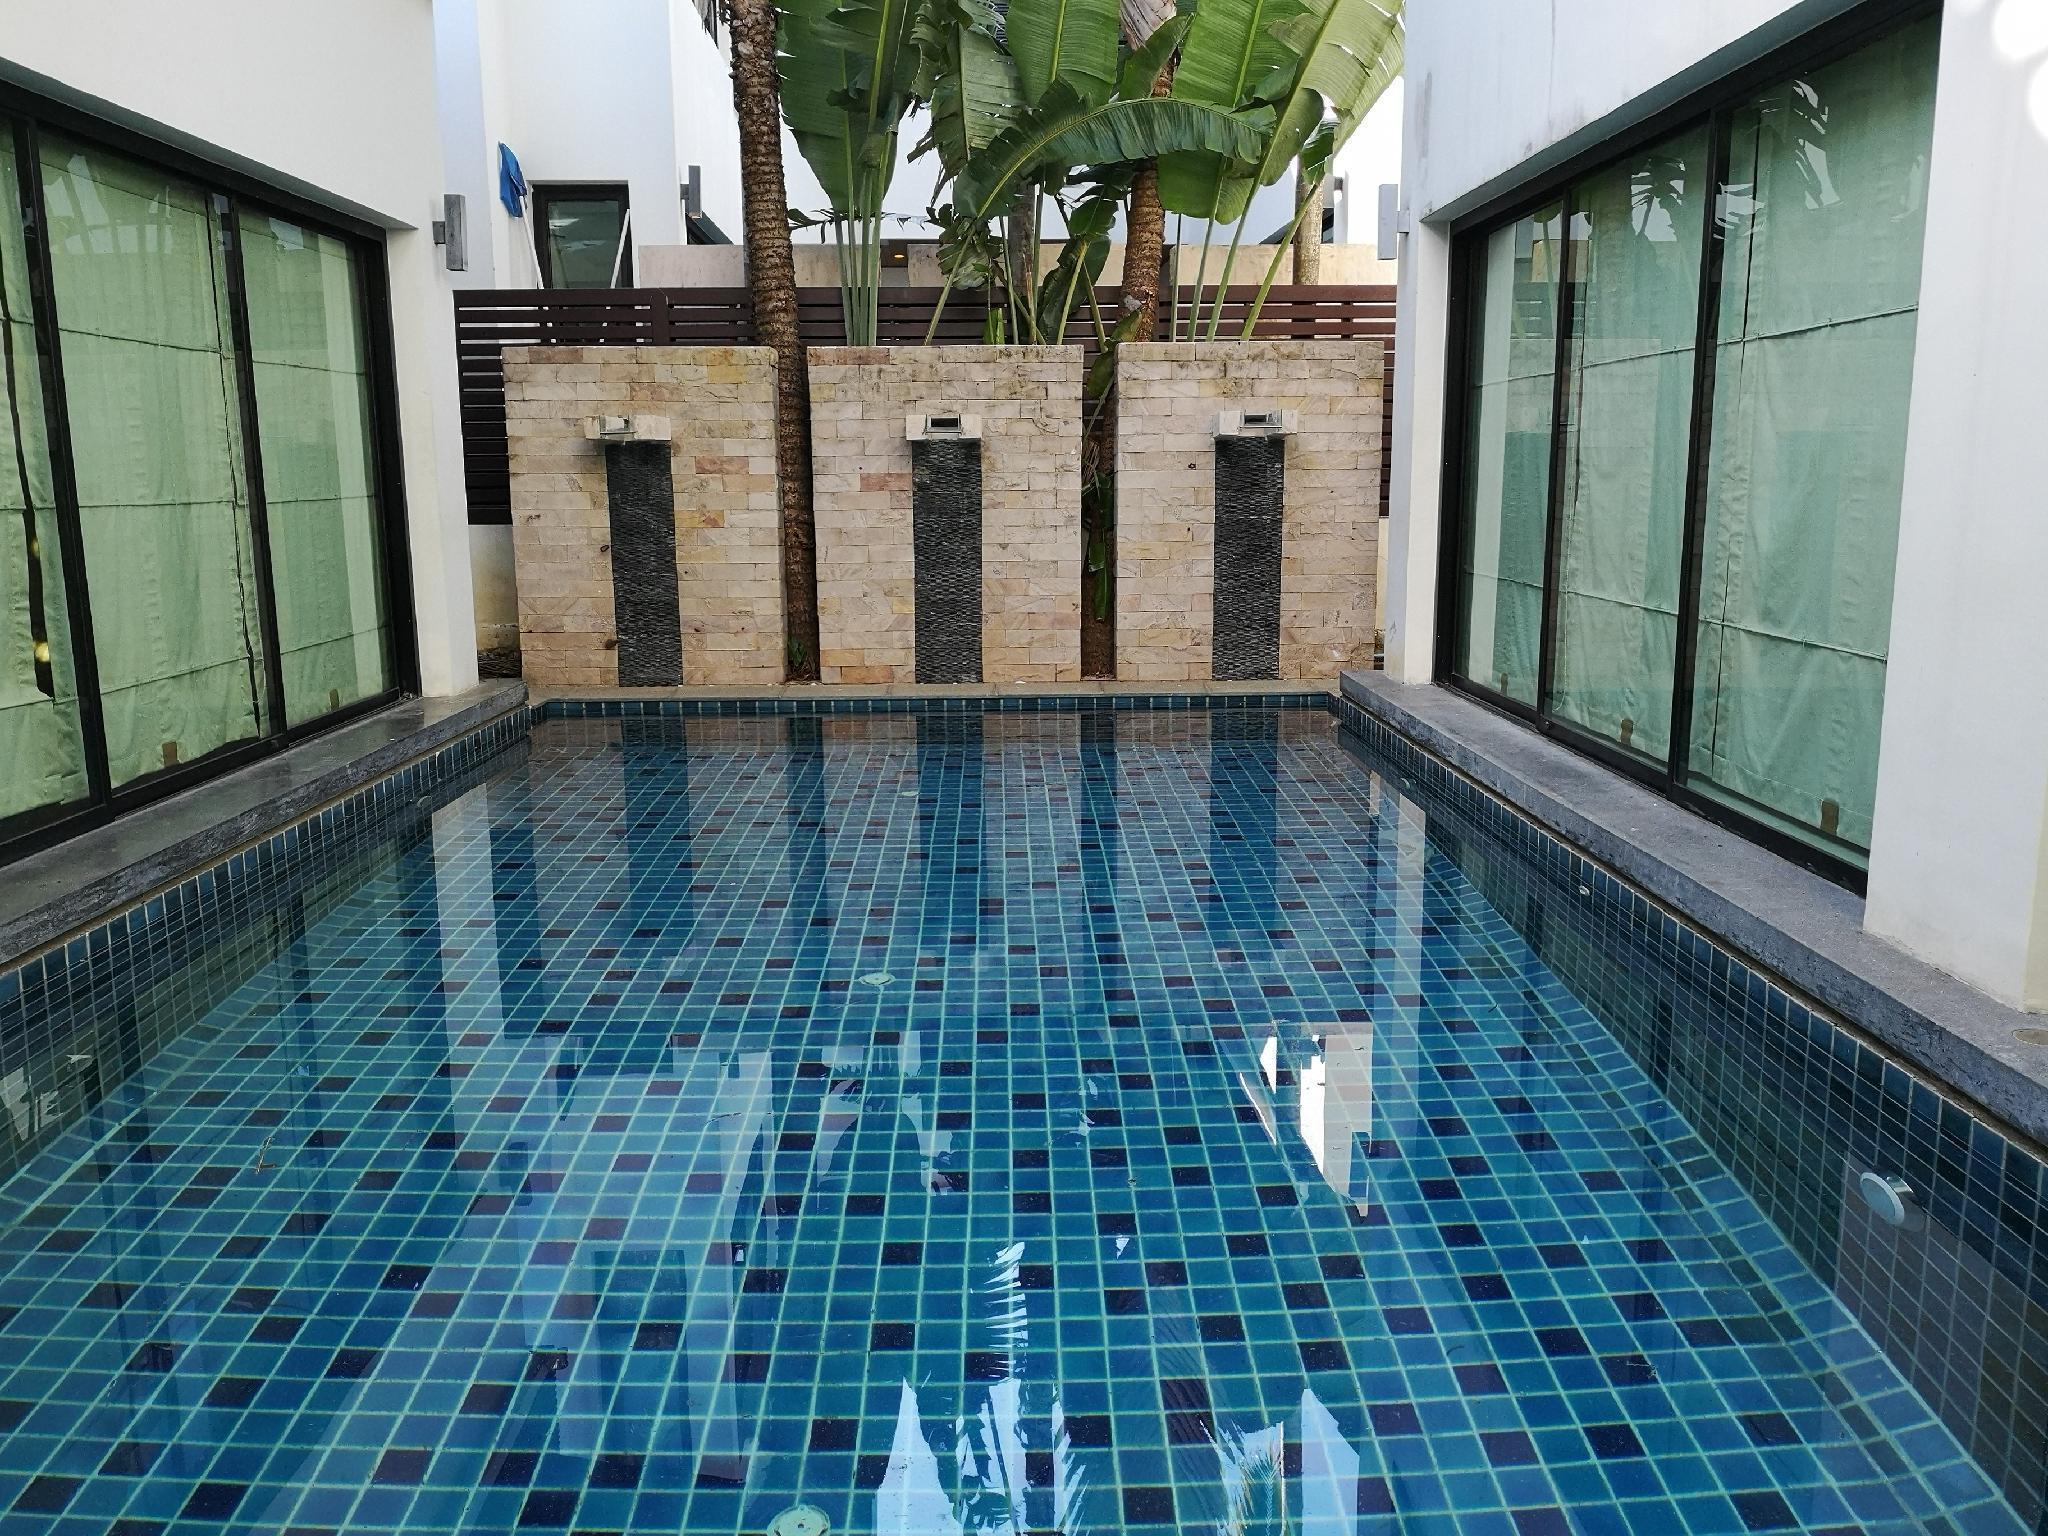 Modern Pool Villa วิลลา 3 ห้องนอน 4 ห้องน้ำส่วนตัว ขนาด 280 ตร.ม. – ตัวเมืองภูเก็ต